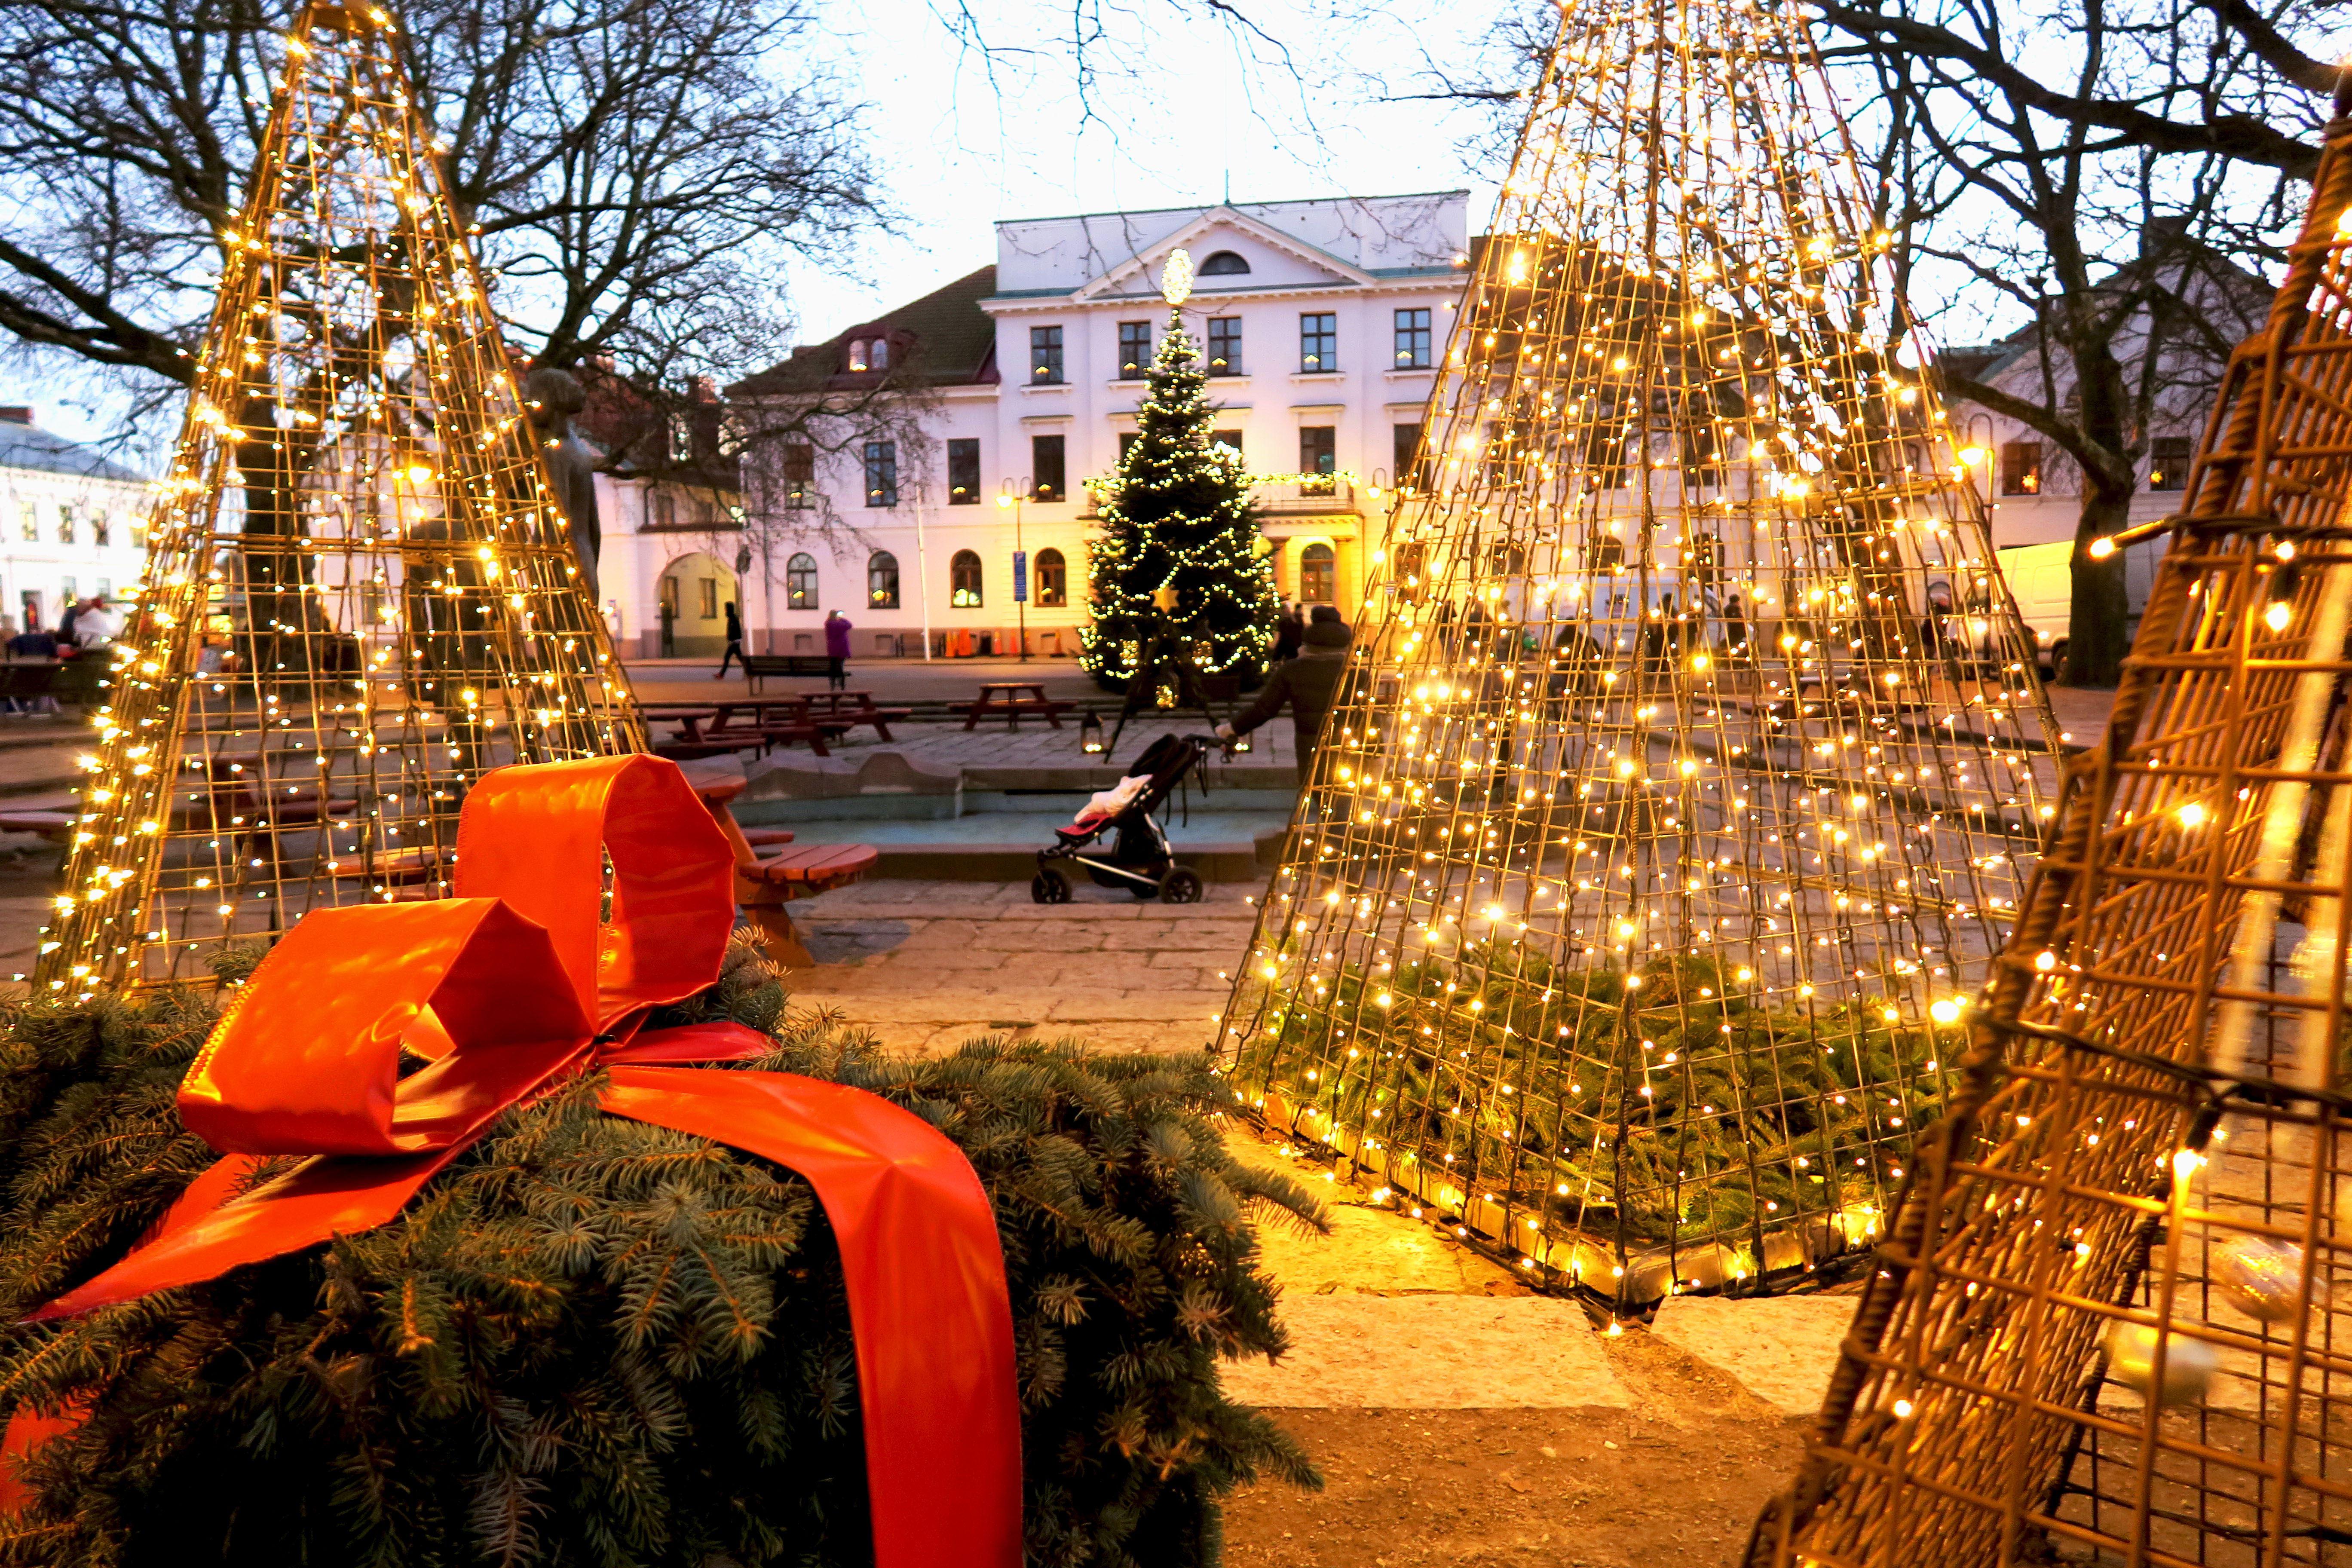 Invigning av Julen i Ystad